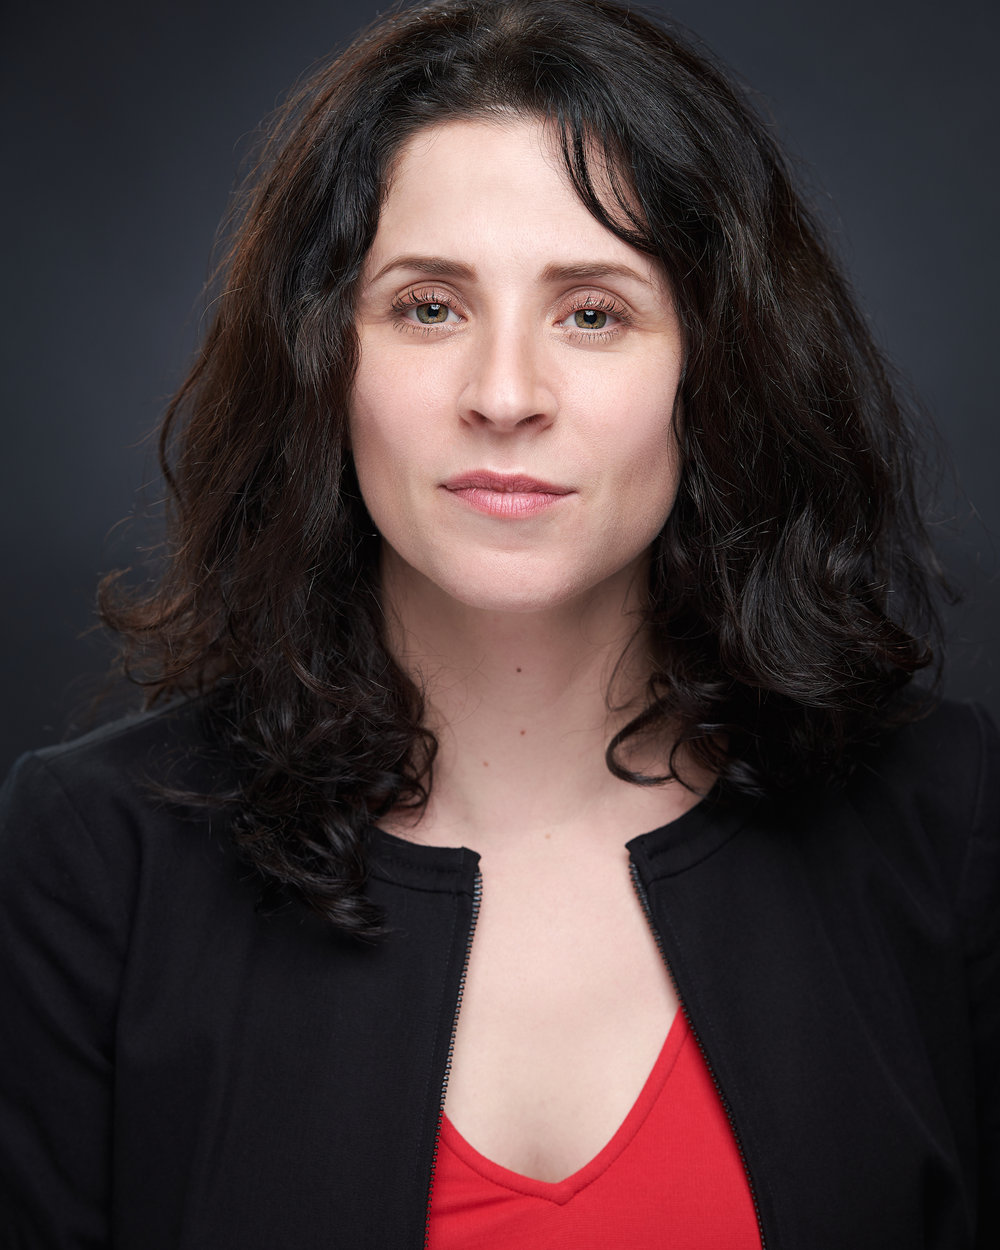 Headshot - Melanie Hahn - 0272 (darker bg).jpg